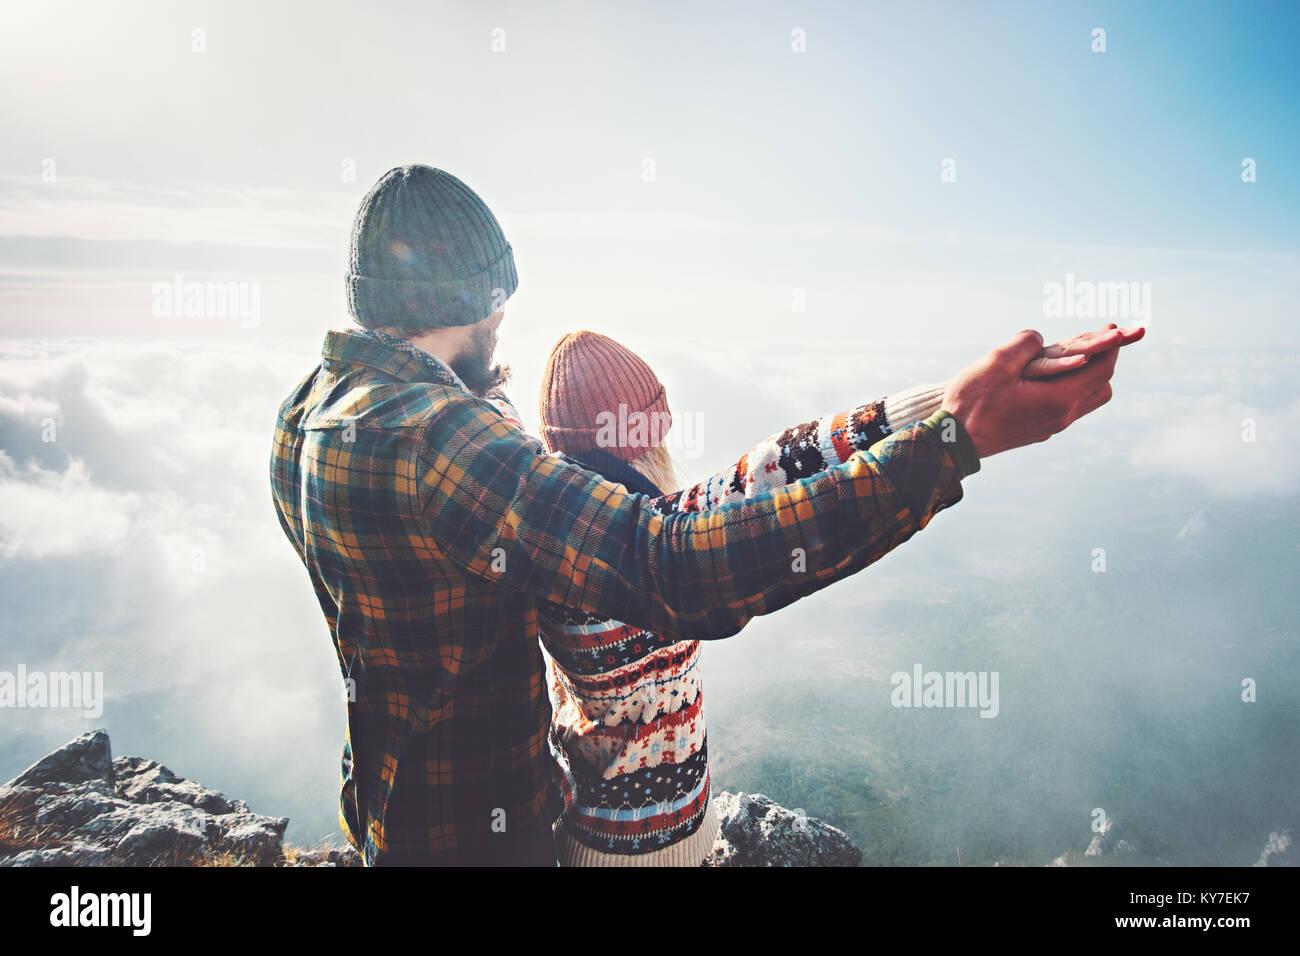 Paar Mann und Frau, Hände auf Berggipfel und Liebe und Reisen gerne Emotionen Gefühle Lifestyle-konzept Stockbild